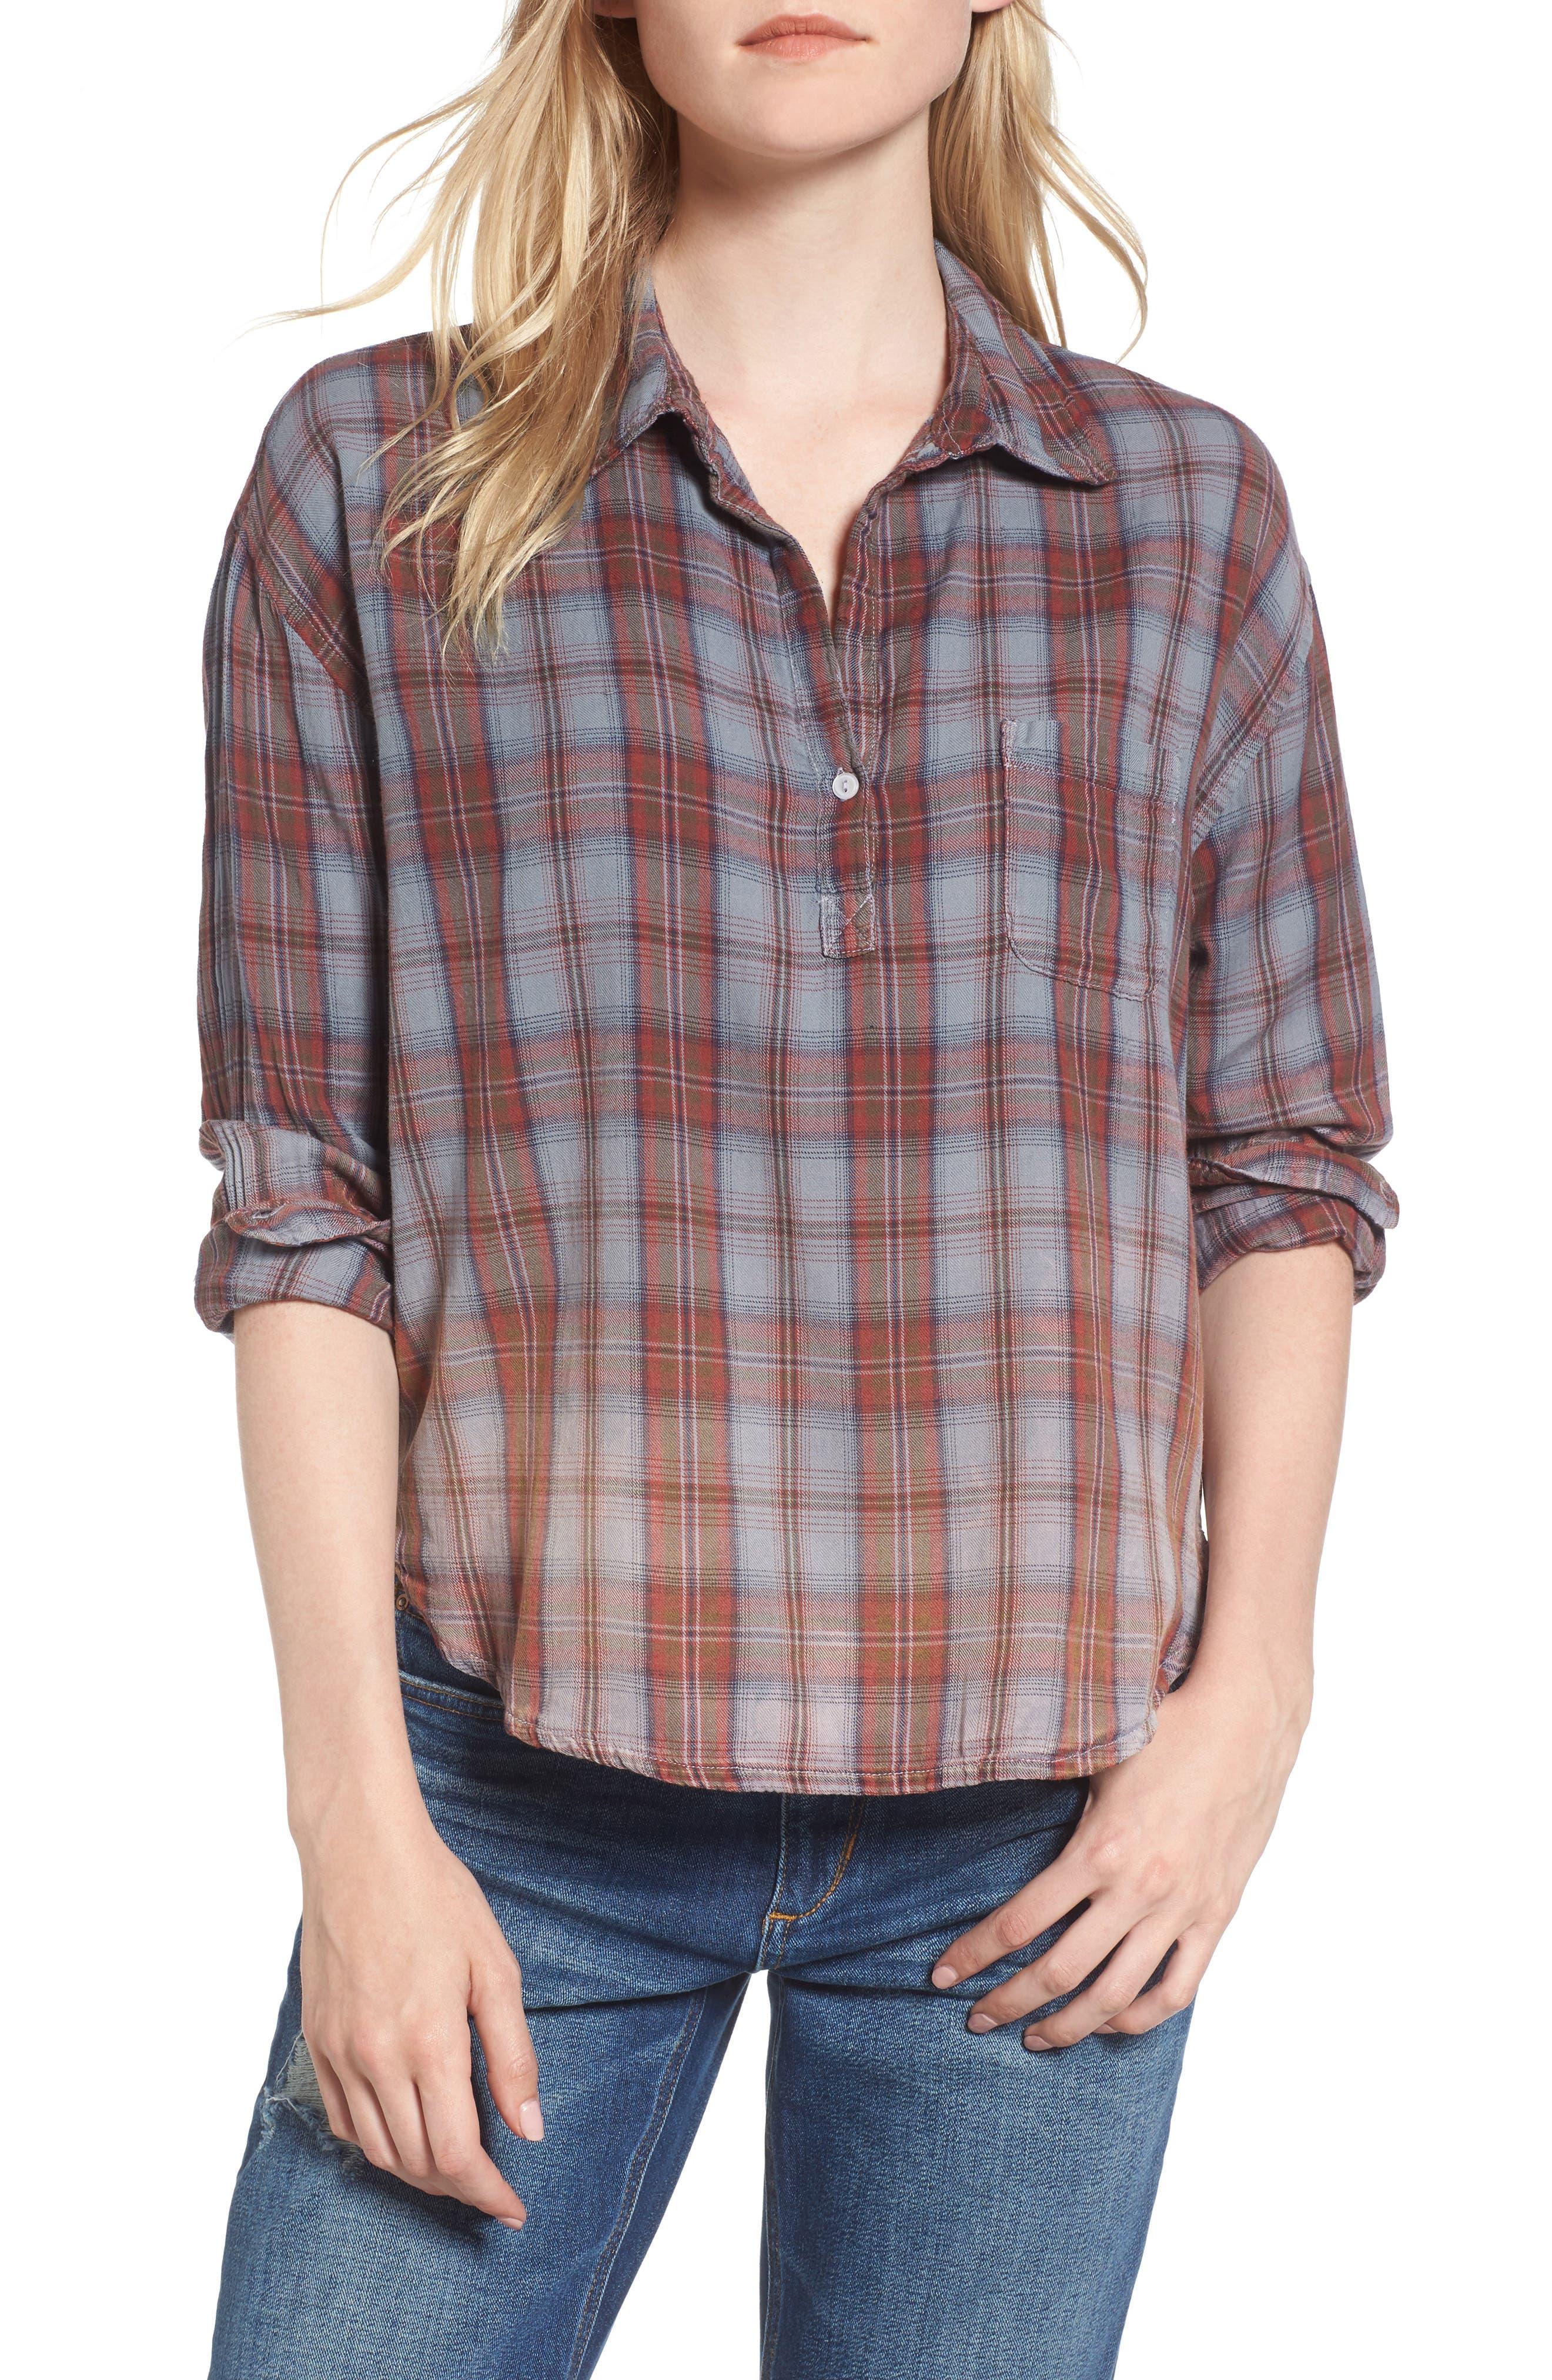 Alternate Image 1 Selected - Sundry Plaid Pocket Shirt